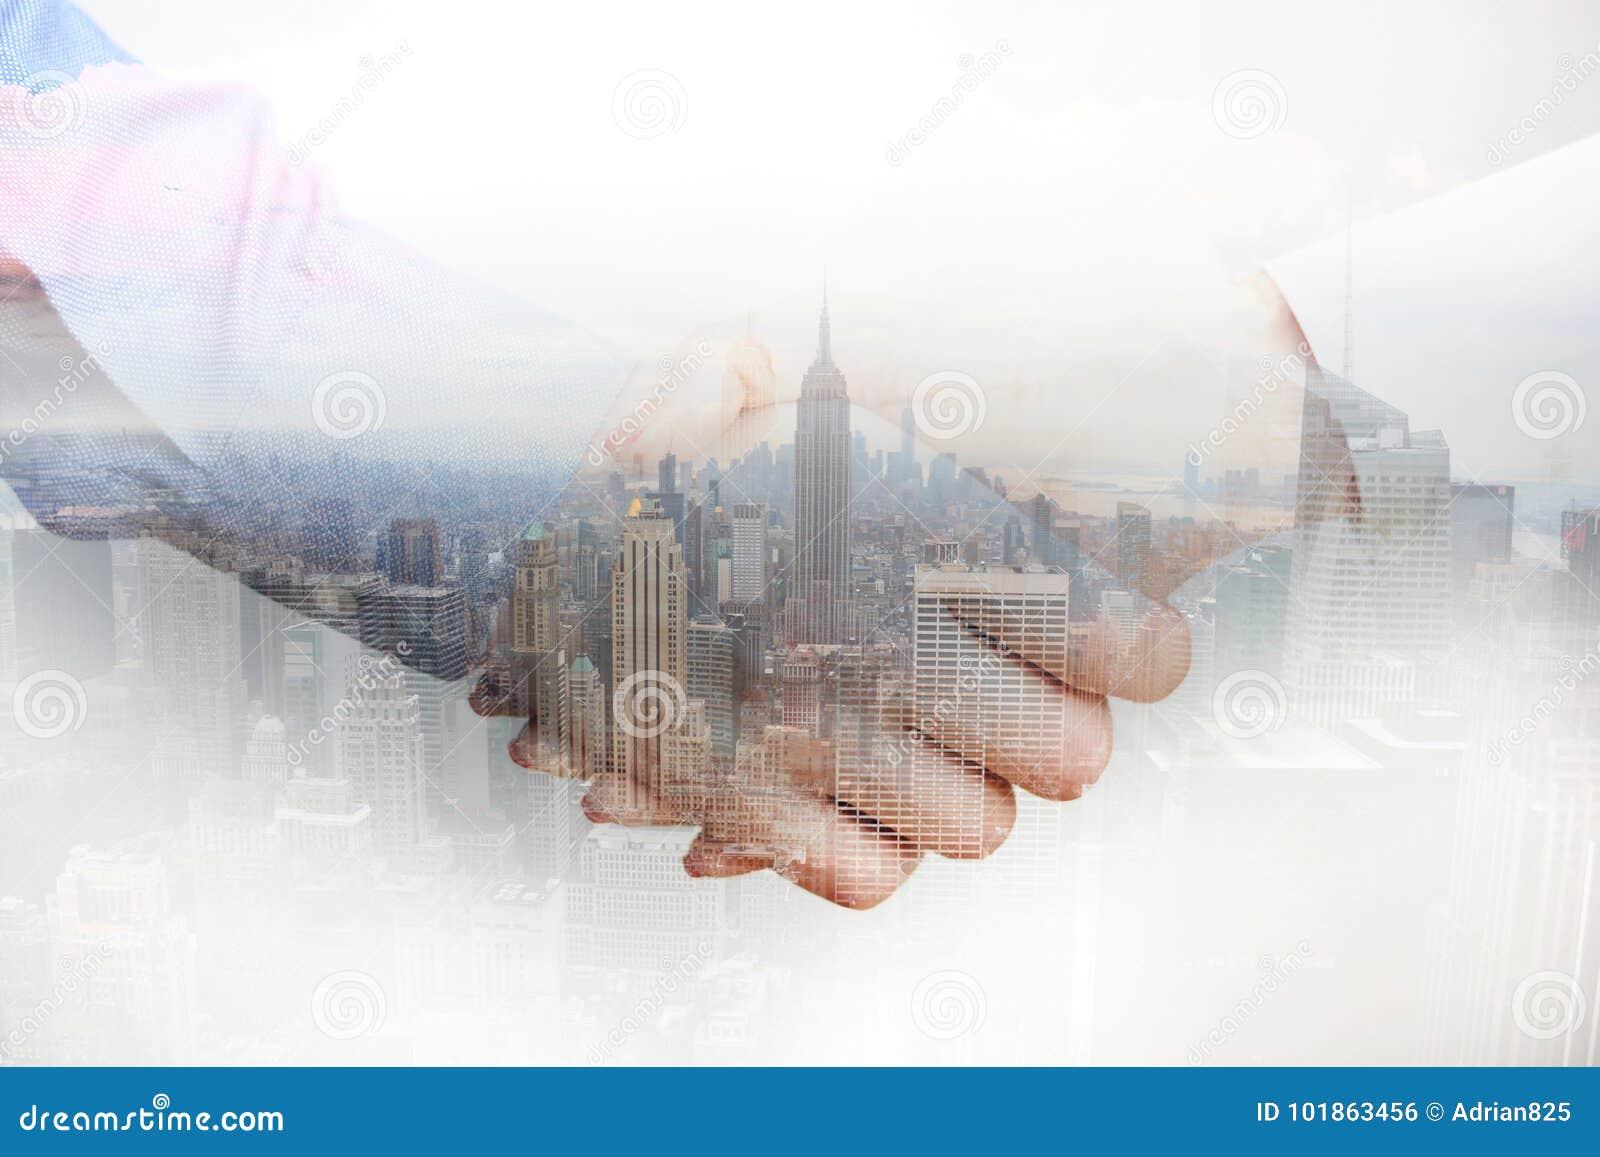 Σύνθετη εικόνα με τους επιχειρηματίες που τινάζουν τα χέρια και τους ουρανοξύστες πόλεων